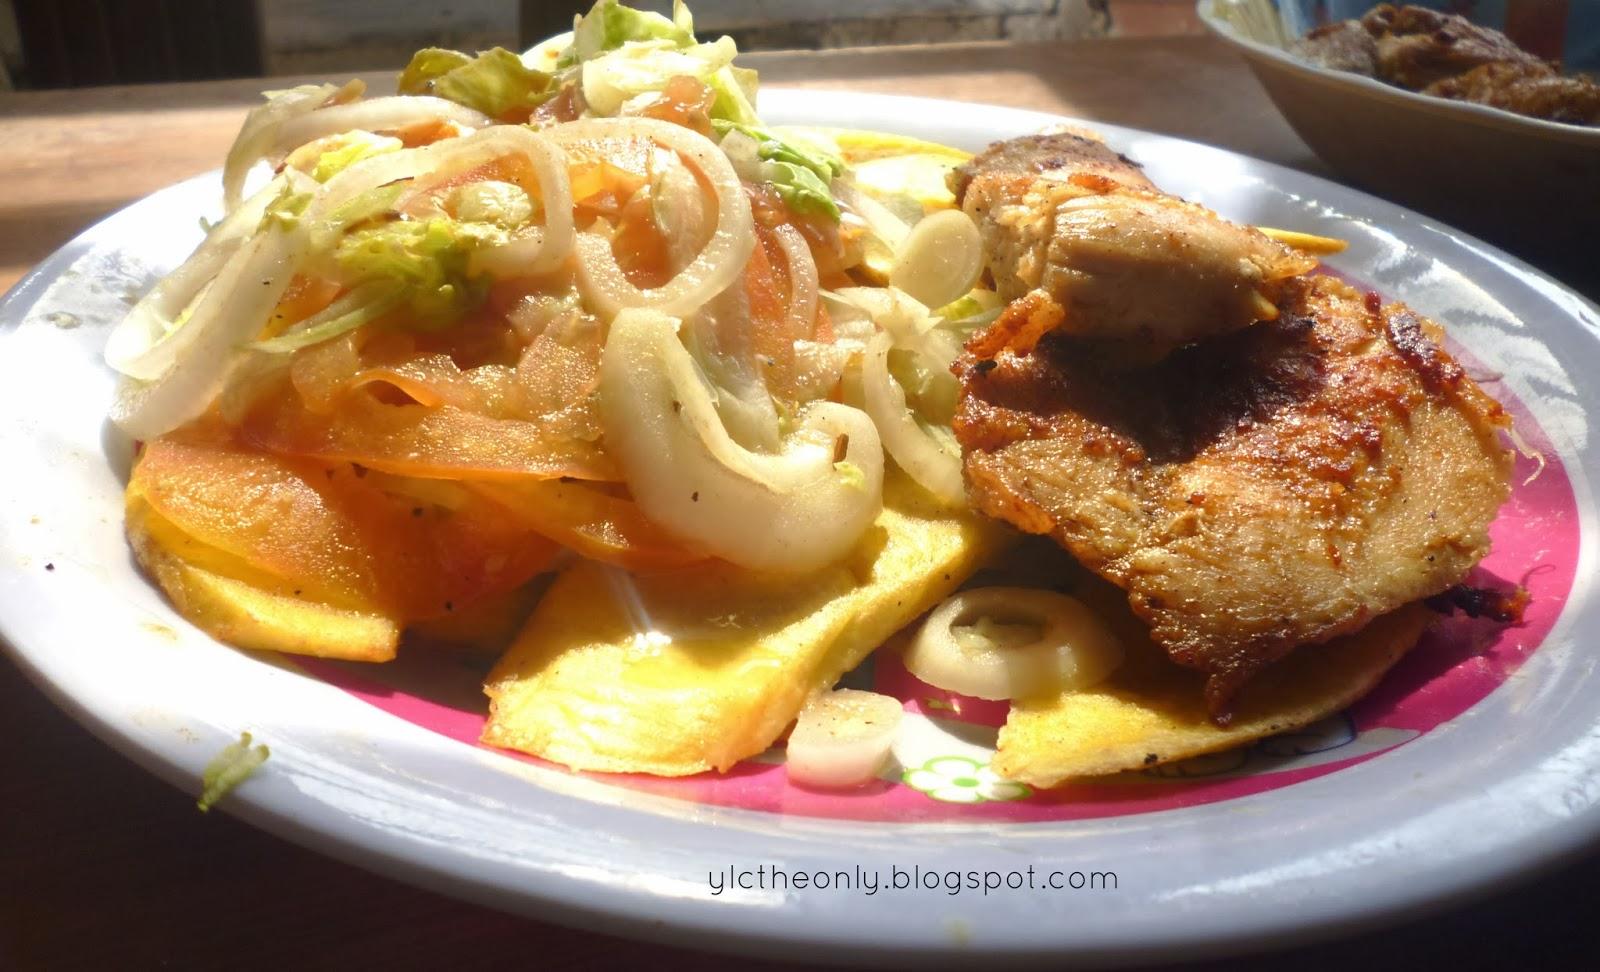 Ylctheonly almuerzo pollo frito con tajadas de platano y ensalada - Almuerzo rapido y facil ...